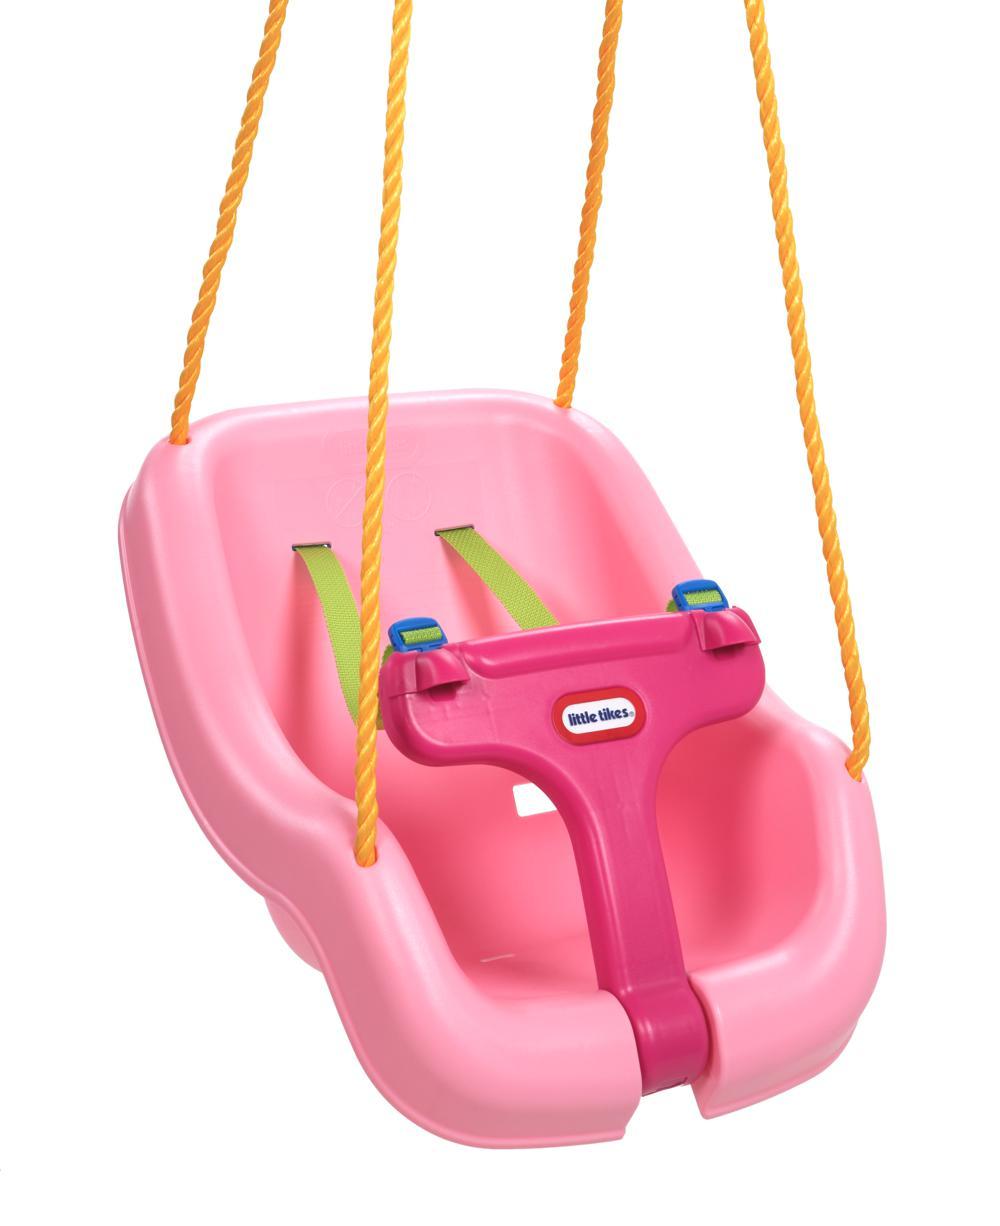 little tikes balan oire 2 en 1 rose club jouet achat de jeux et jouets prix club. Black Bedroom Furniture Sets. Home Design Ideas